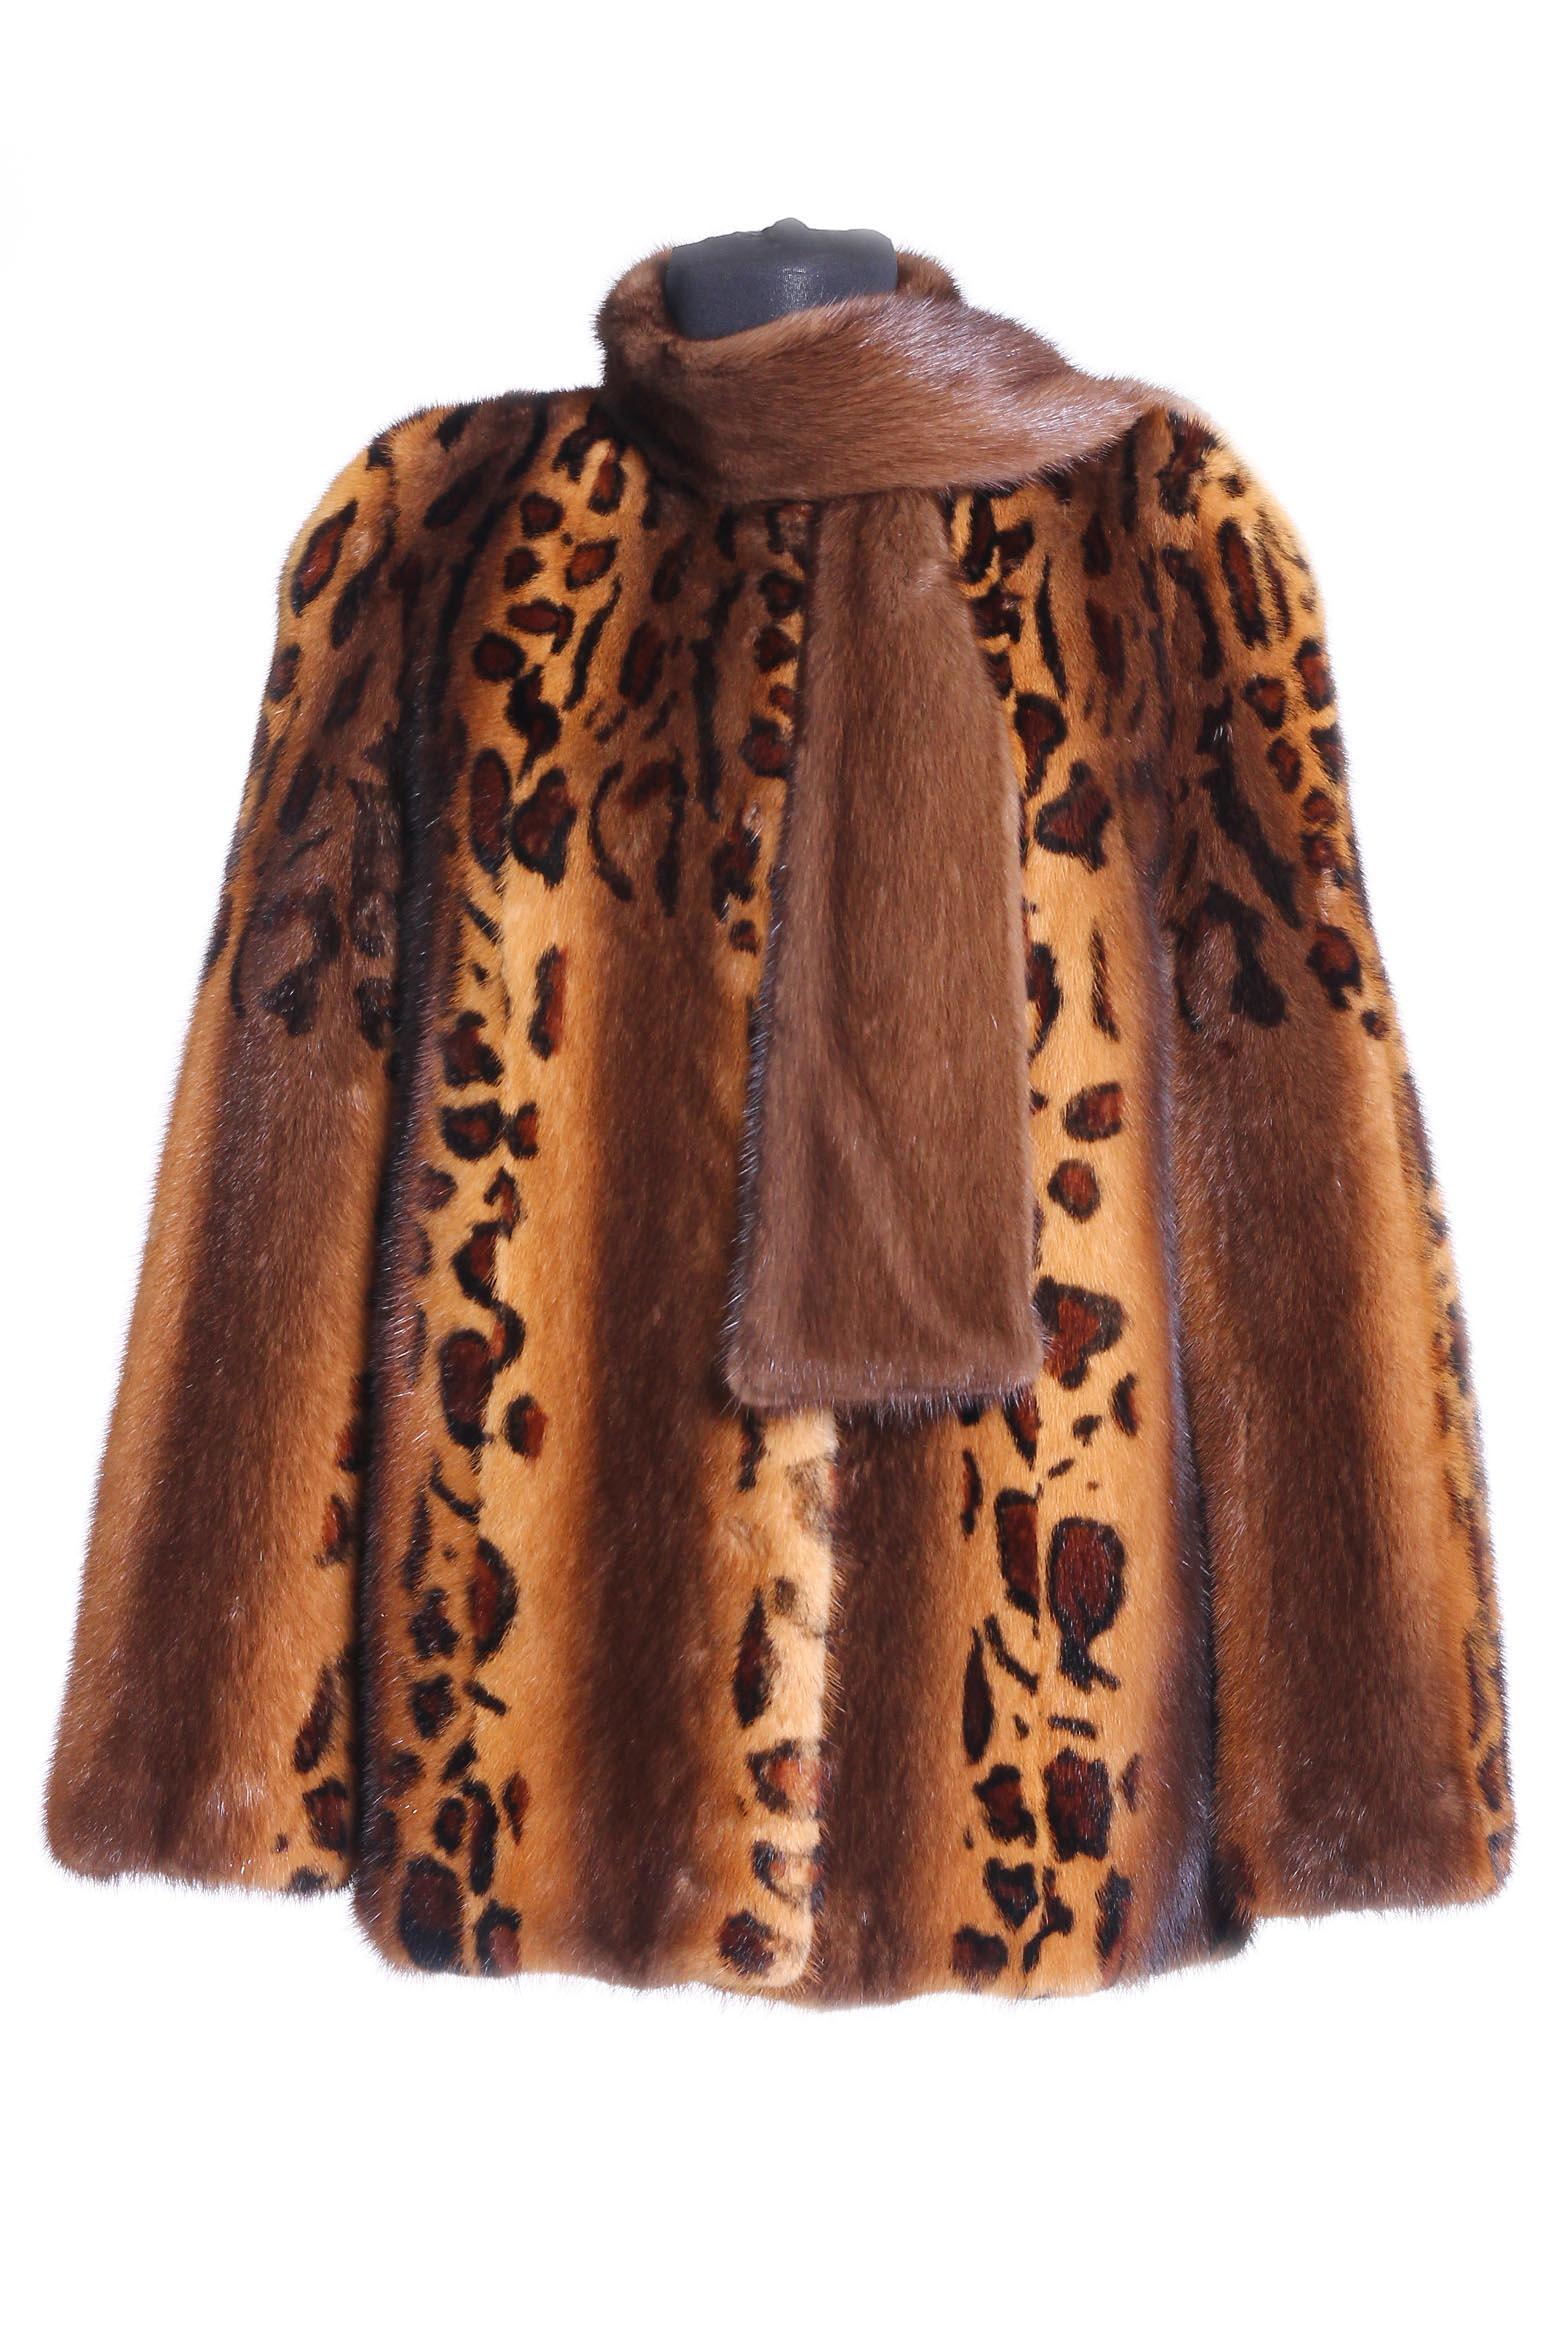 Куртка из норки с воротником, без отделкиВеликолепная куртка из норки прямого силуэта с необычным воротником леопардовой расцветки. Воротник выполнен в виде шарфа, что придает оригинальности модели, а также дополнительно согревает в холод. Необычная, заметная расцветка Леопард выделит хозяйку на фоне остальных и привлечет внимание.<br><br>Пол: Женский